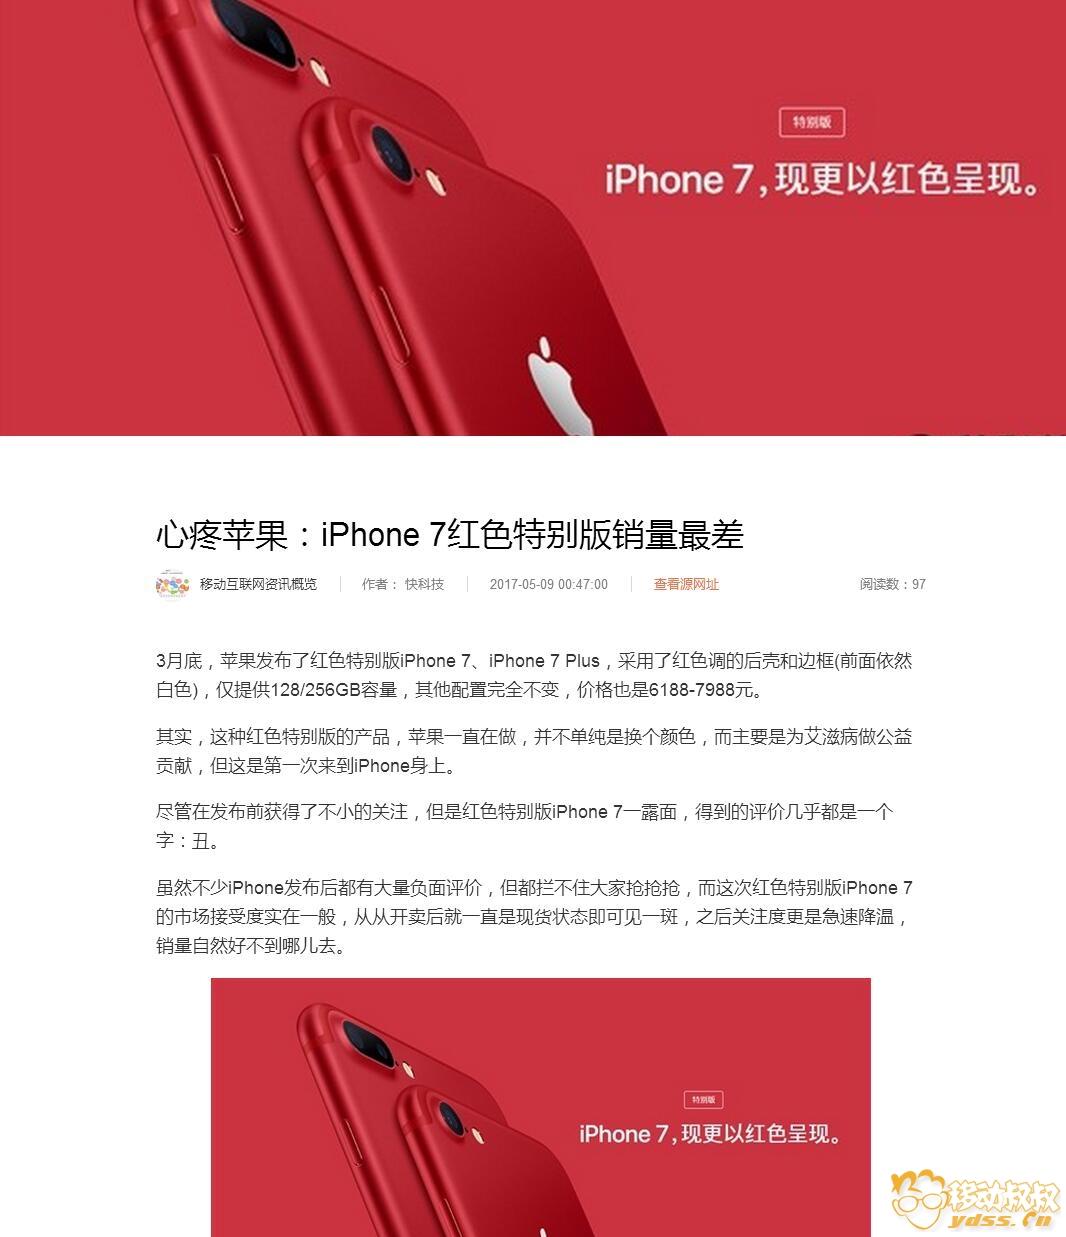 蘋果iPhone 7紅色特別版成銷量最差的版本